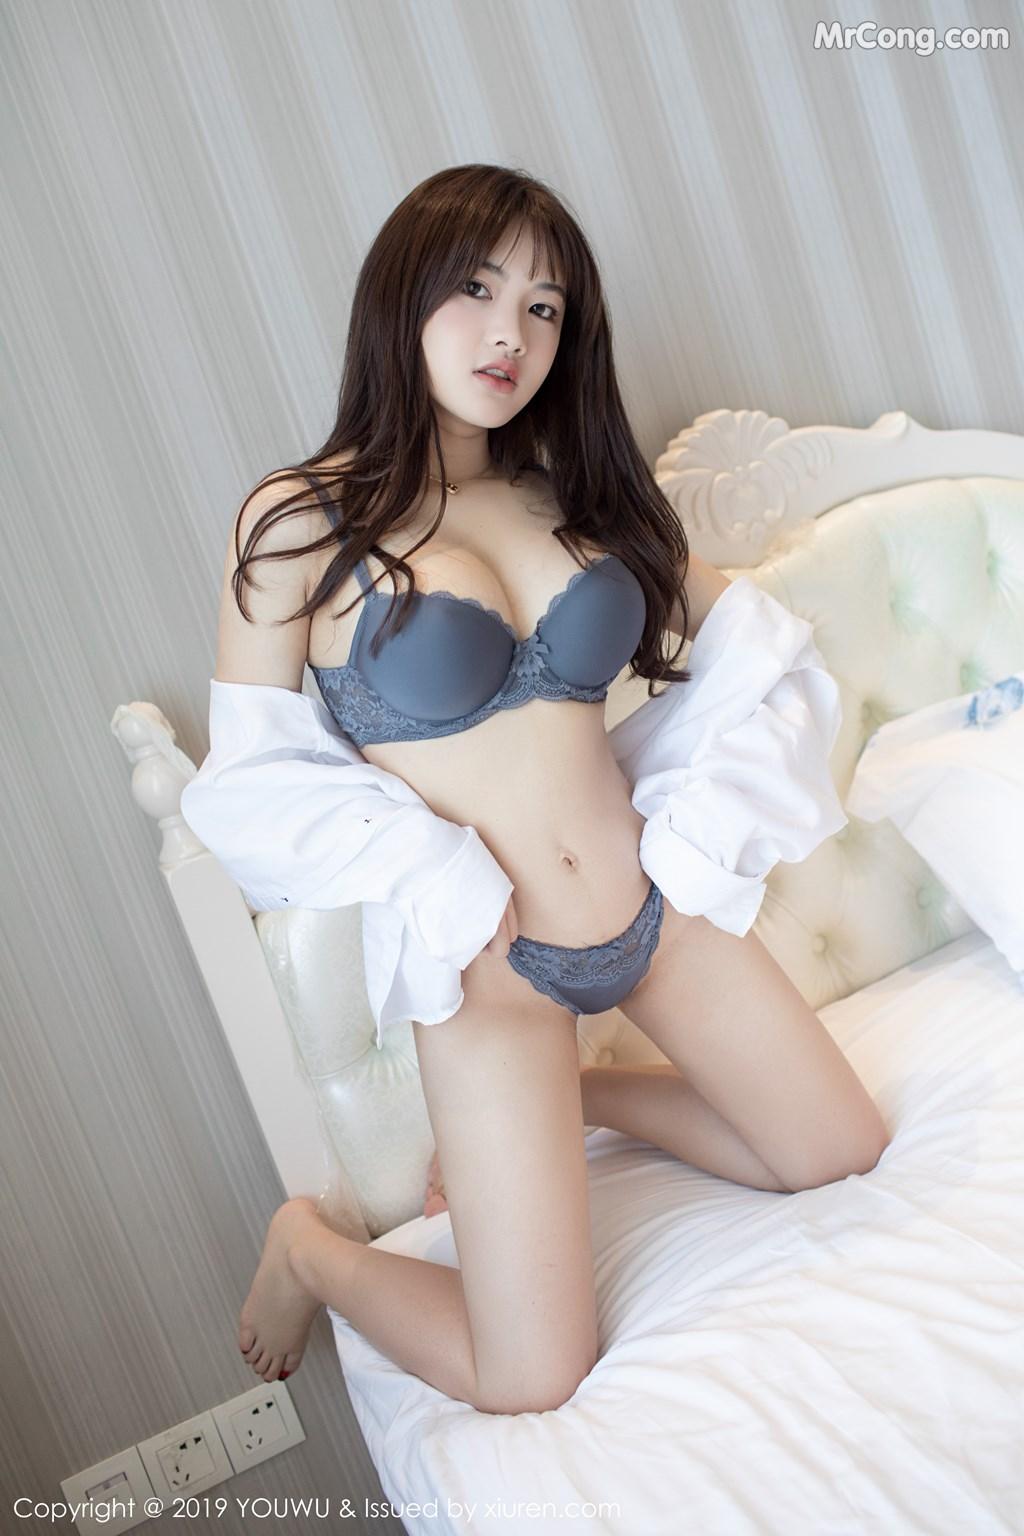 YouWu Vol.161: Xiao Cangshu (小仓鼠) (65P)